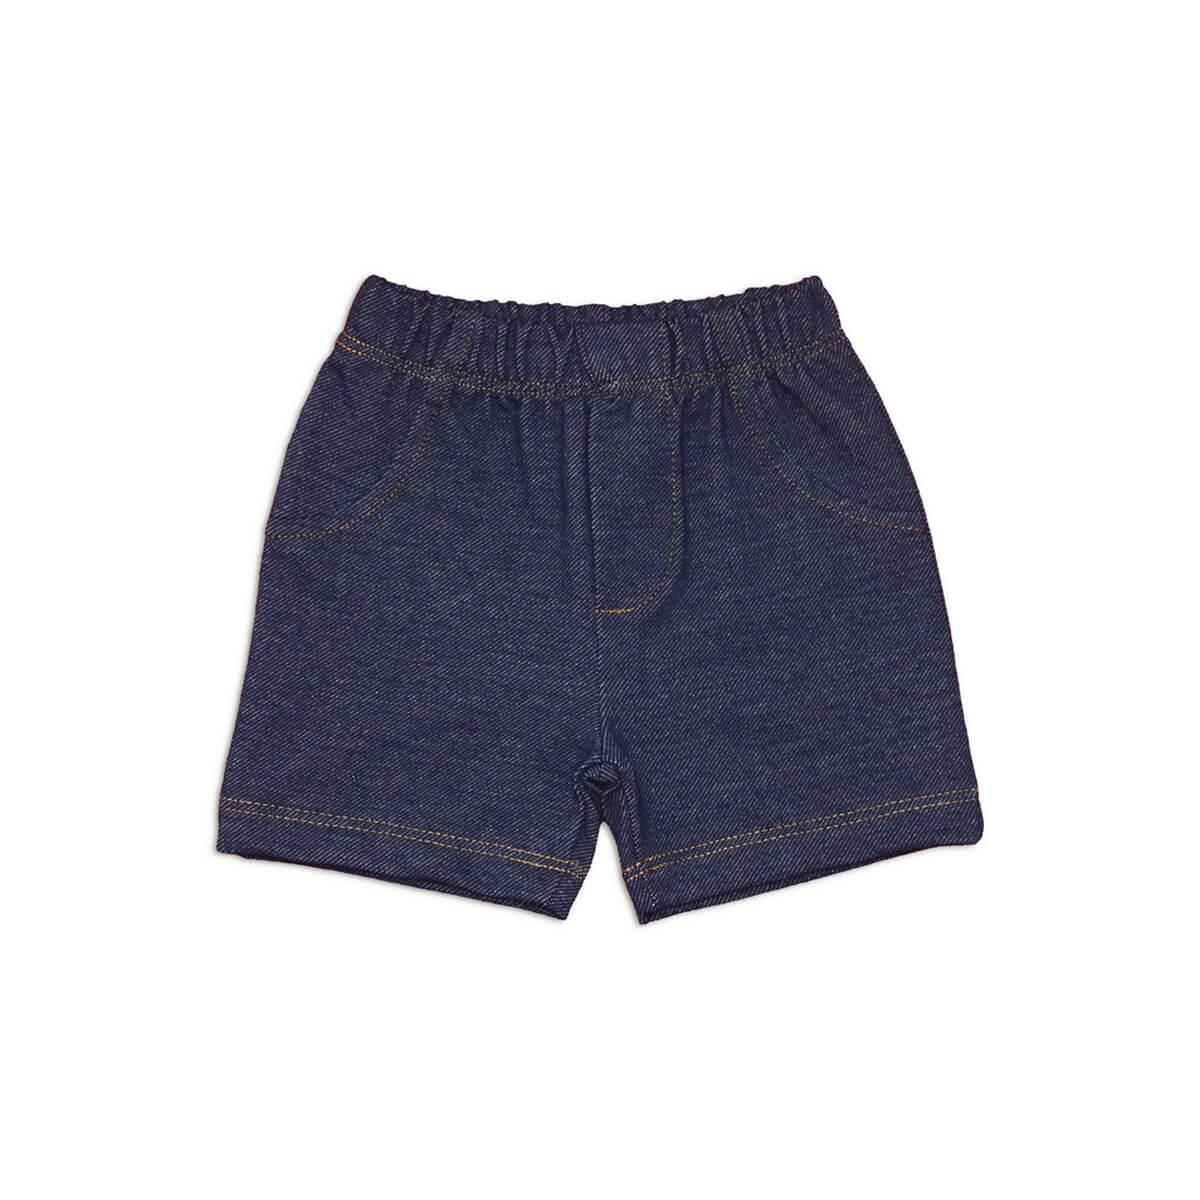 Shorts Masculino Estilo Jeans - 1 ao 3 Moletinho